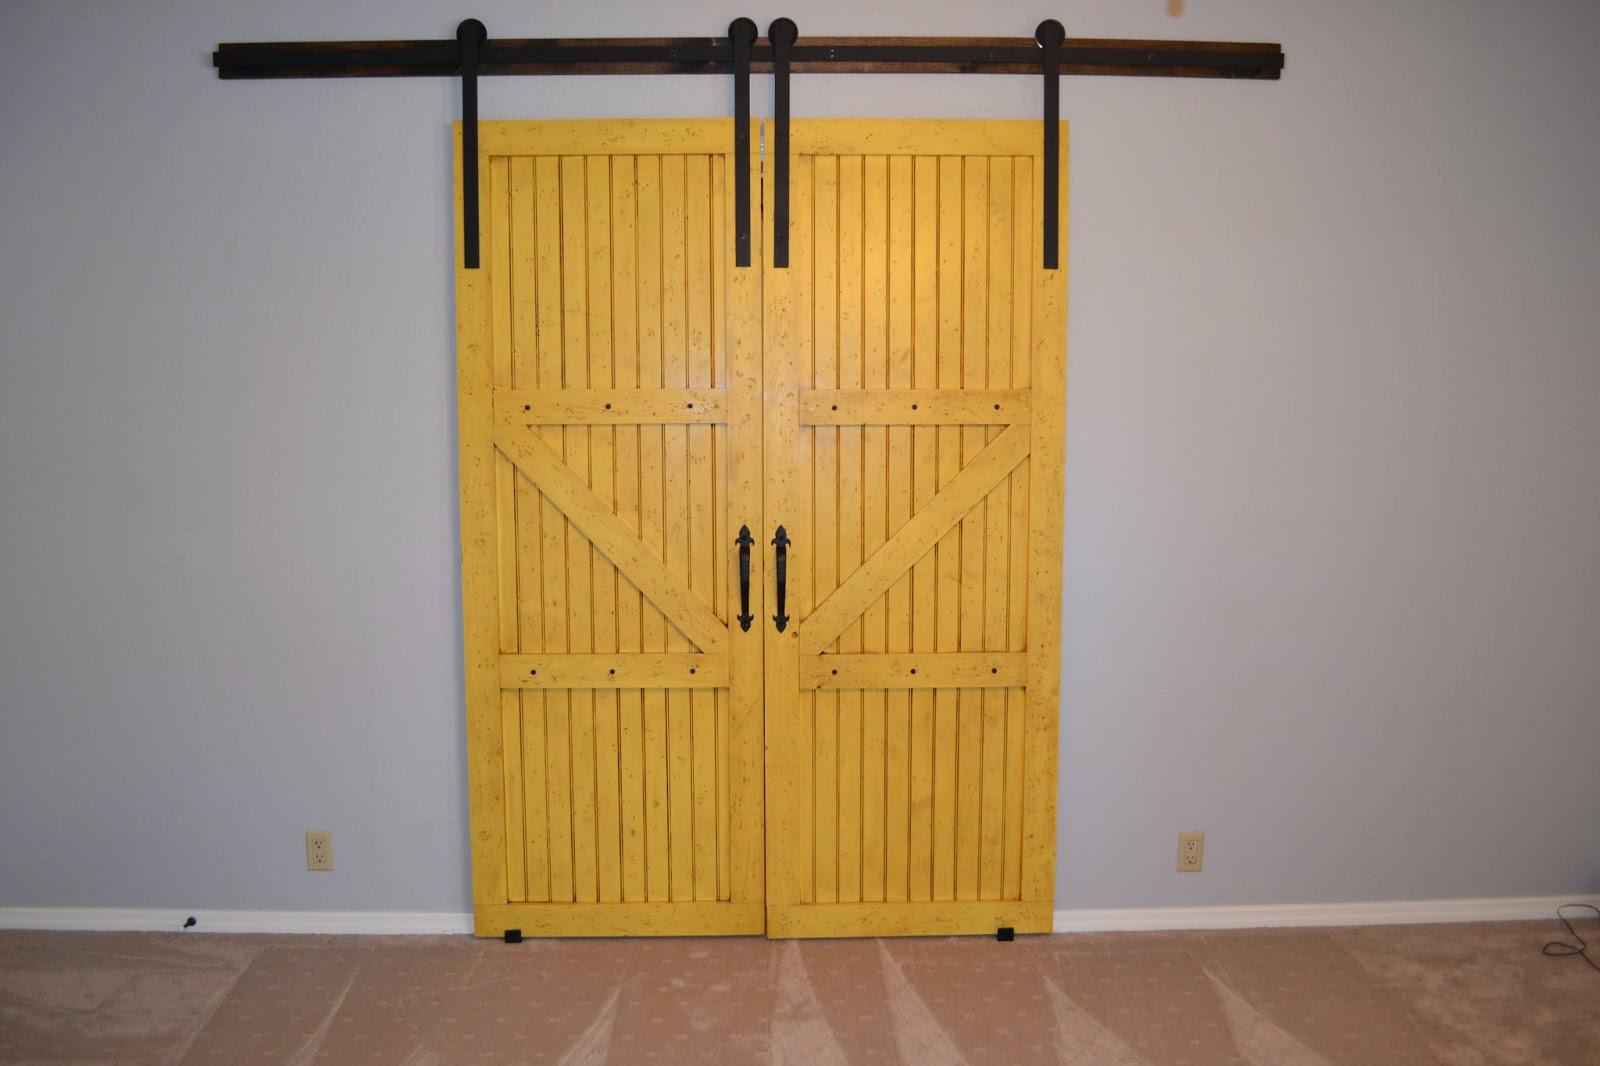 Diy Barn Style Bathroom Door: I Heart Decorating: DIY Double Barn Doors